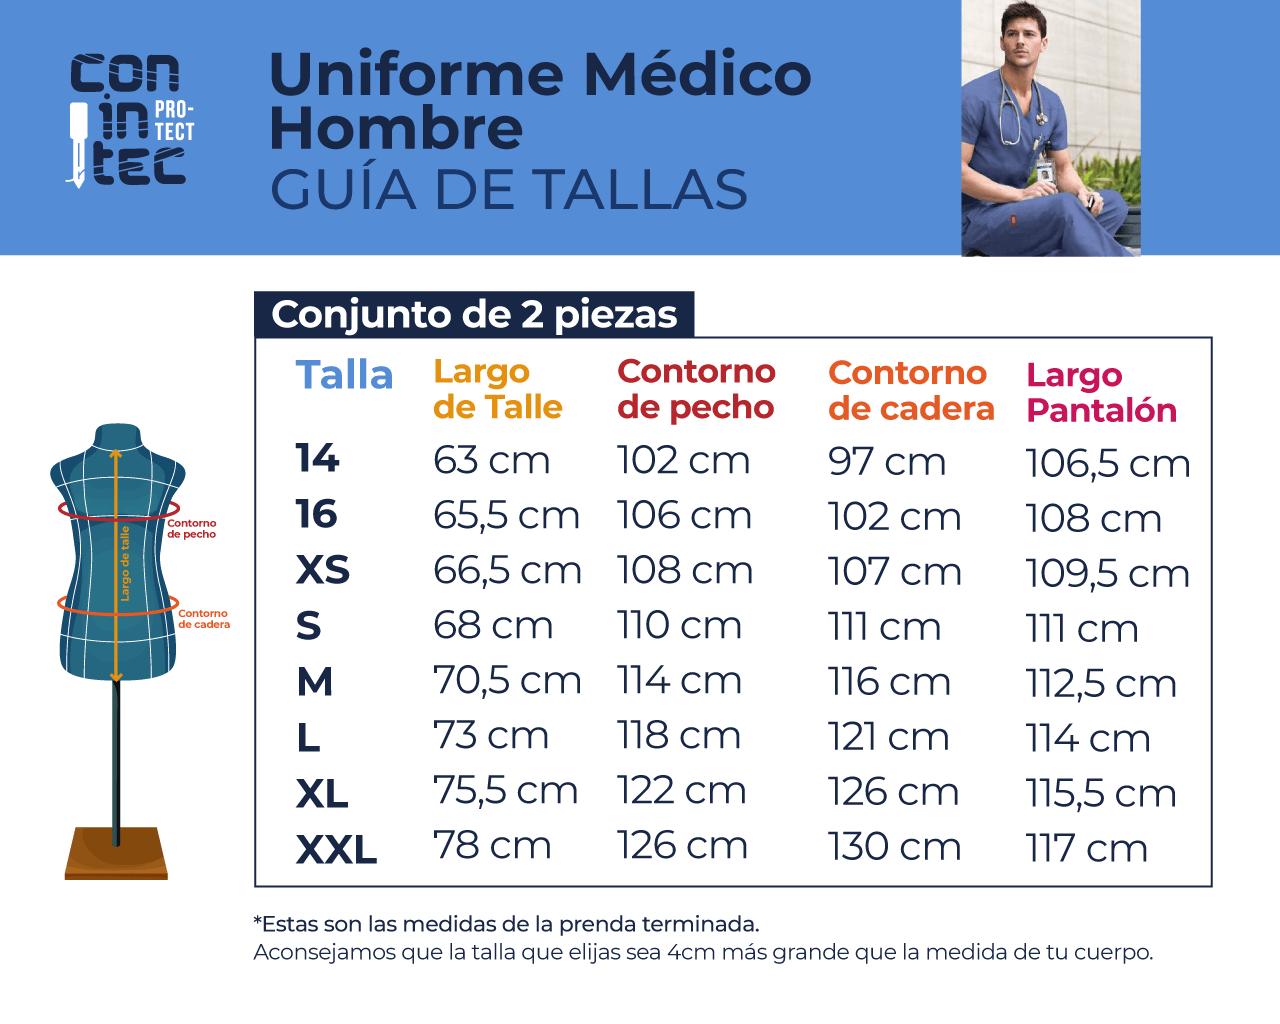 Guía de Tallas – Medico Hombre